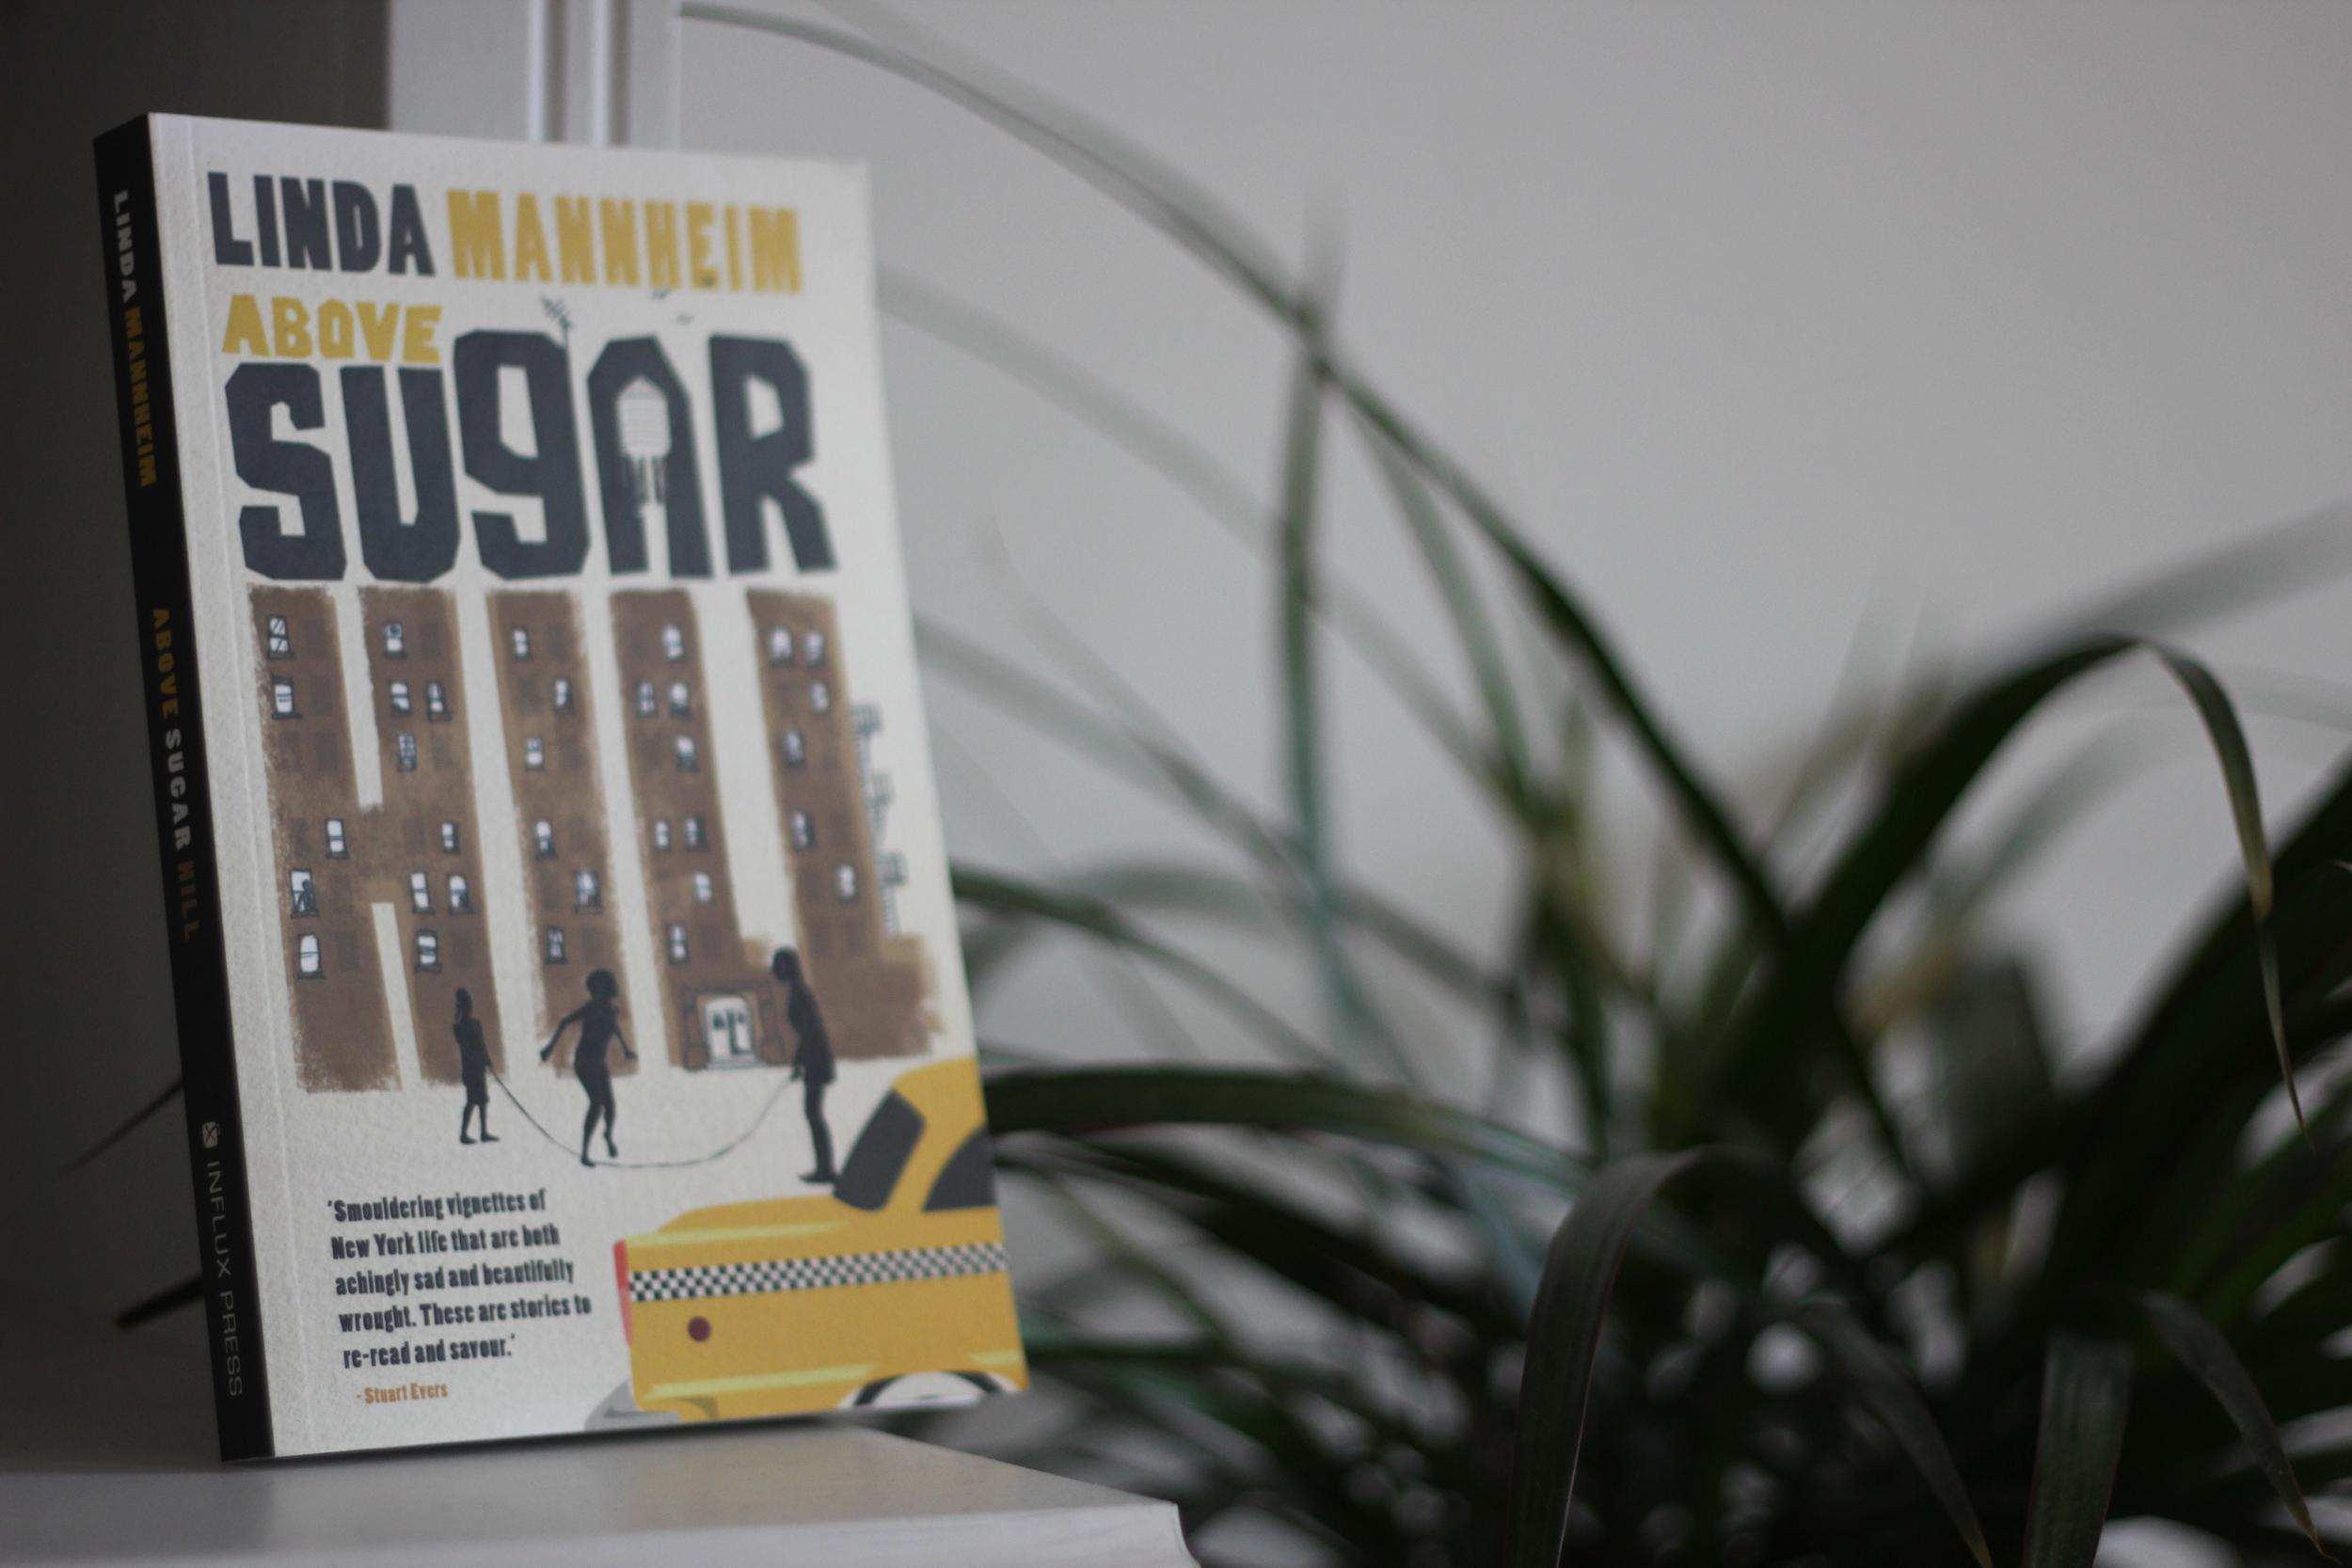 Above Sugar Hill - Paperback/eBook